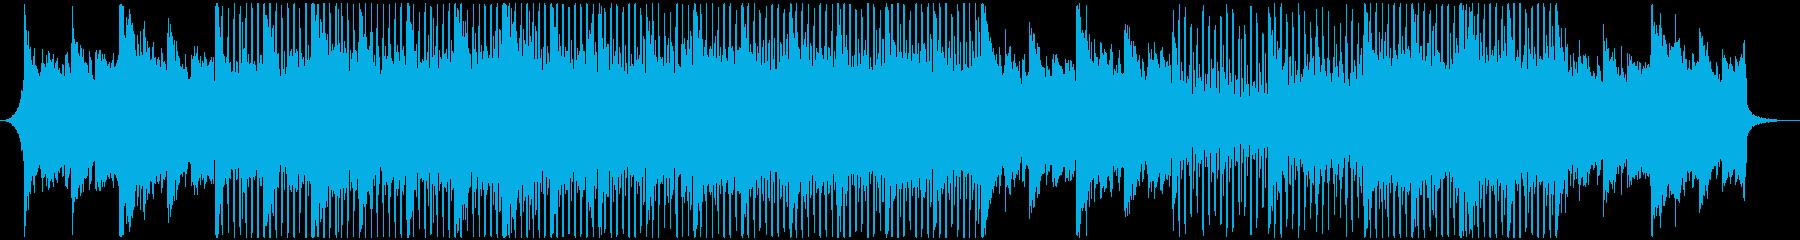 タイムラプスやコーポレートムービーBGMの再生済みの波形